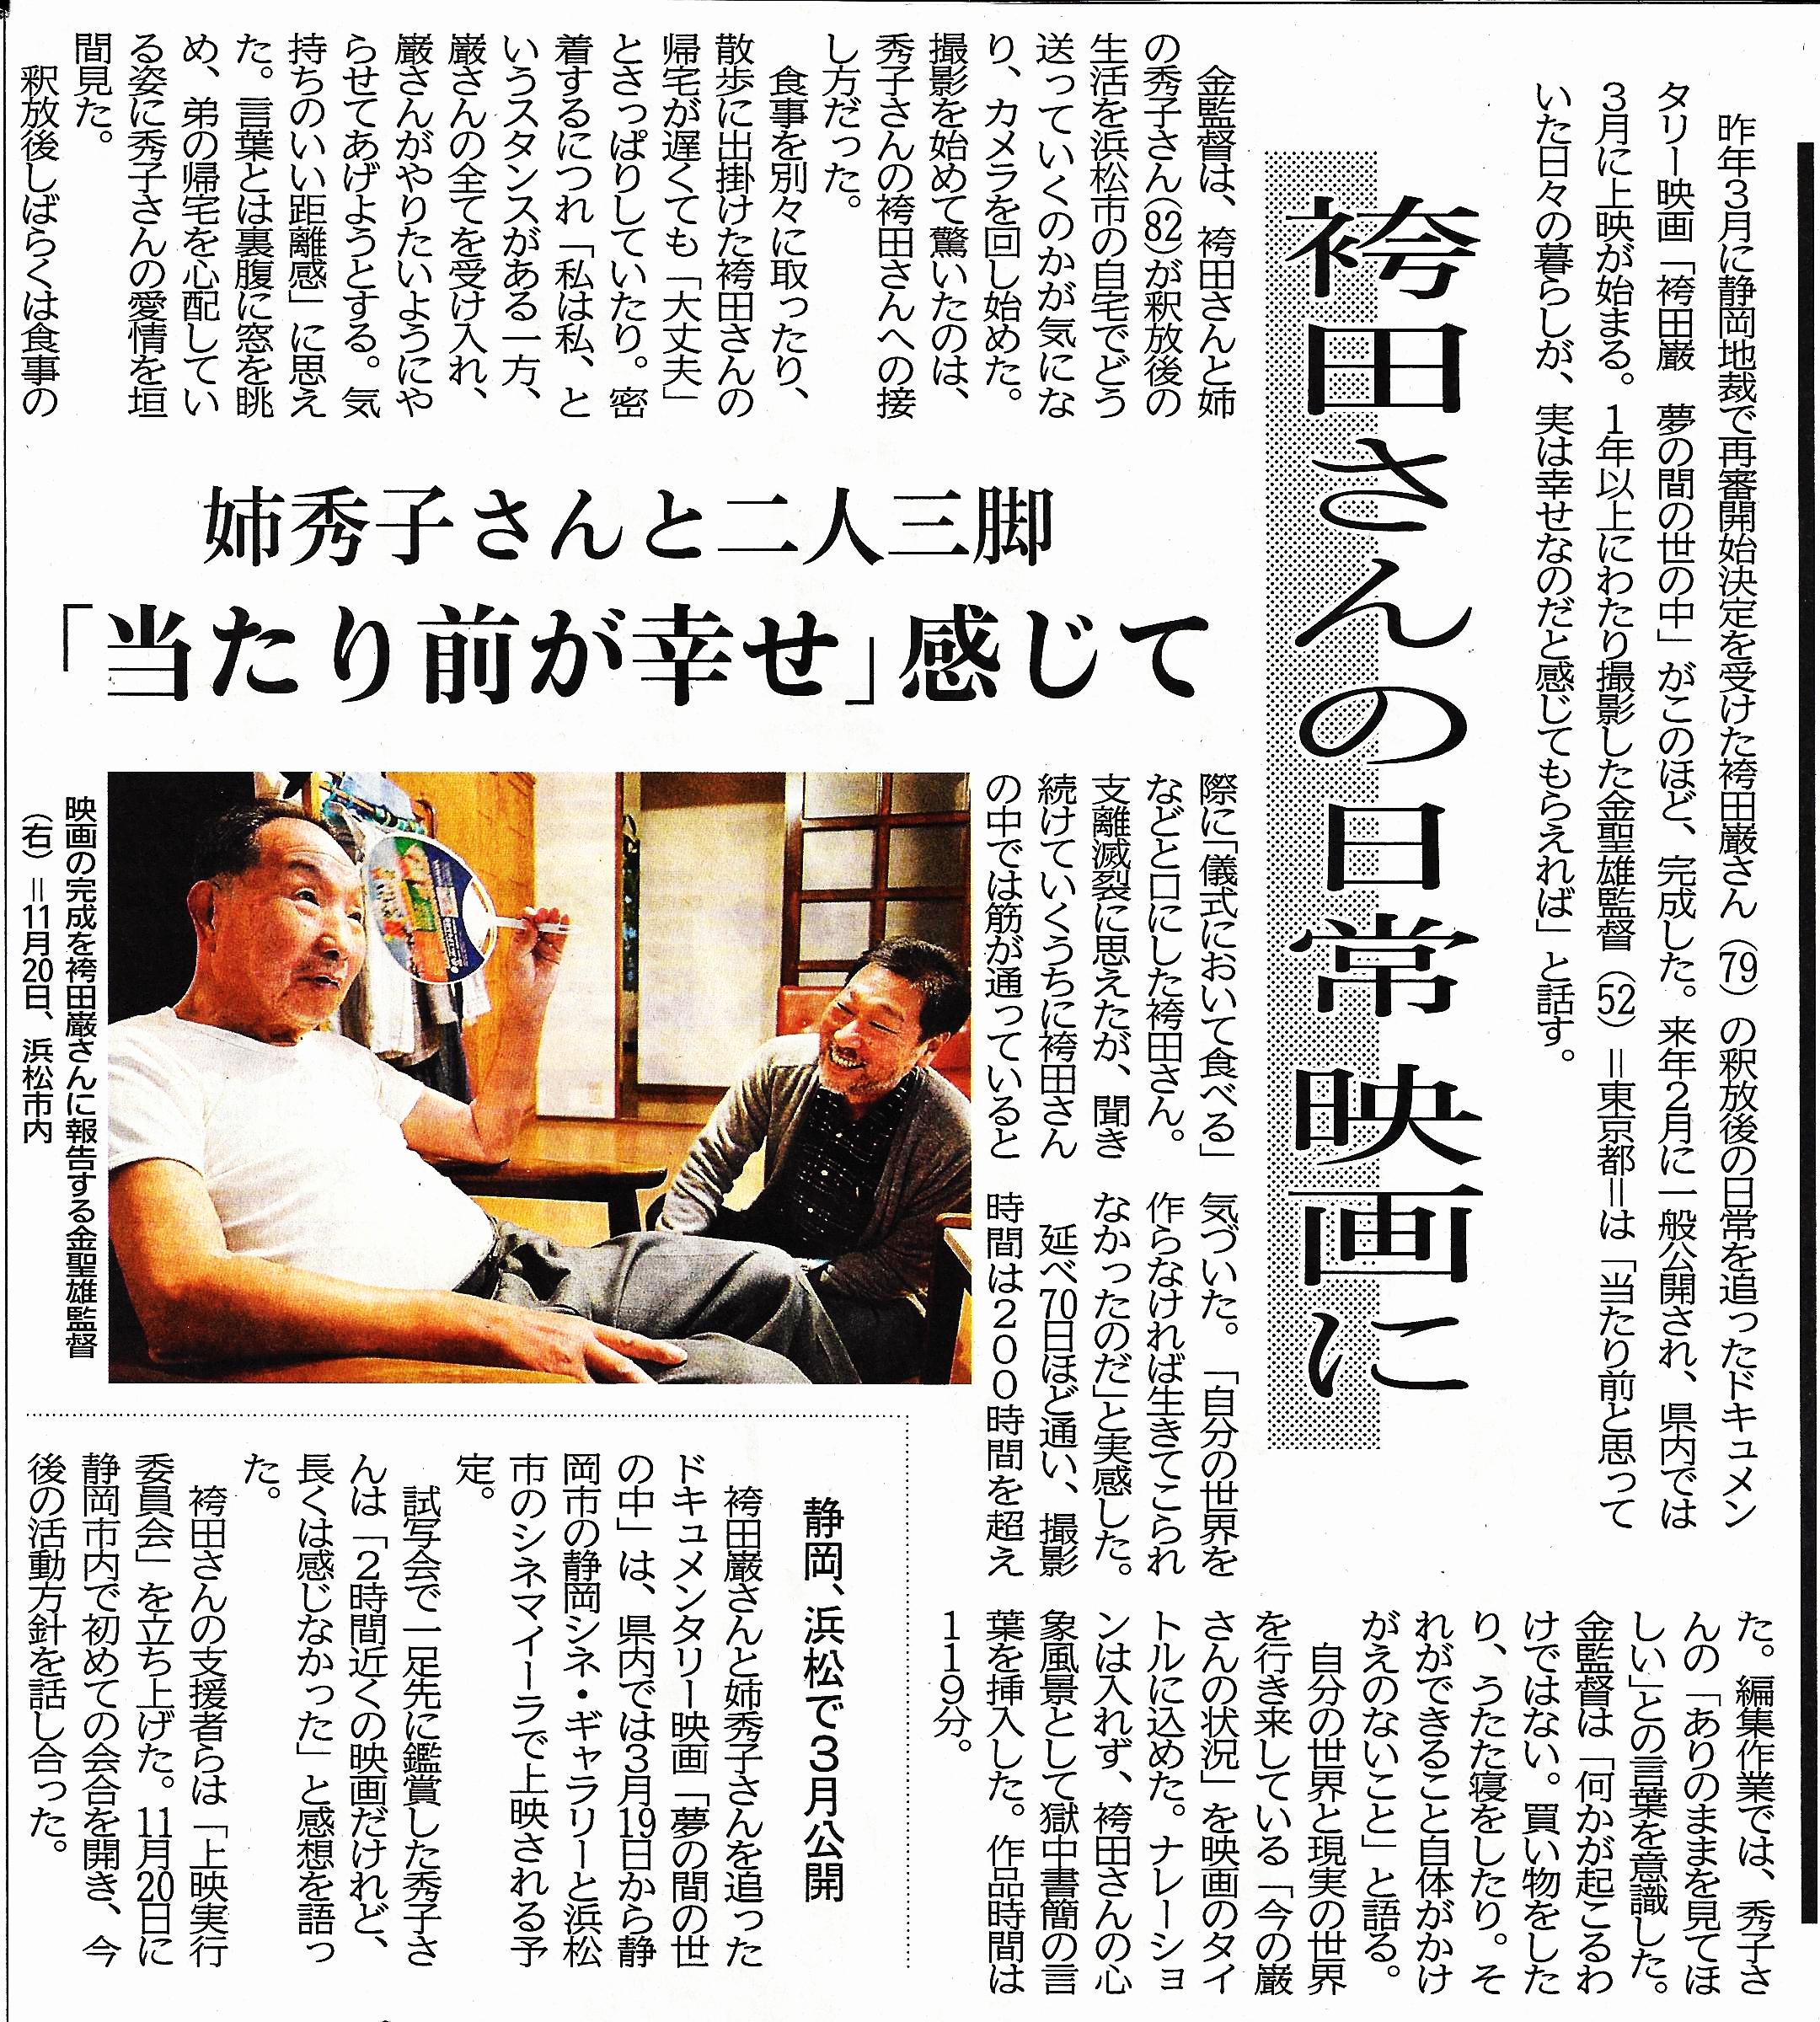 2015.12.3静岡新聞